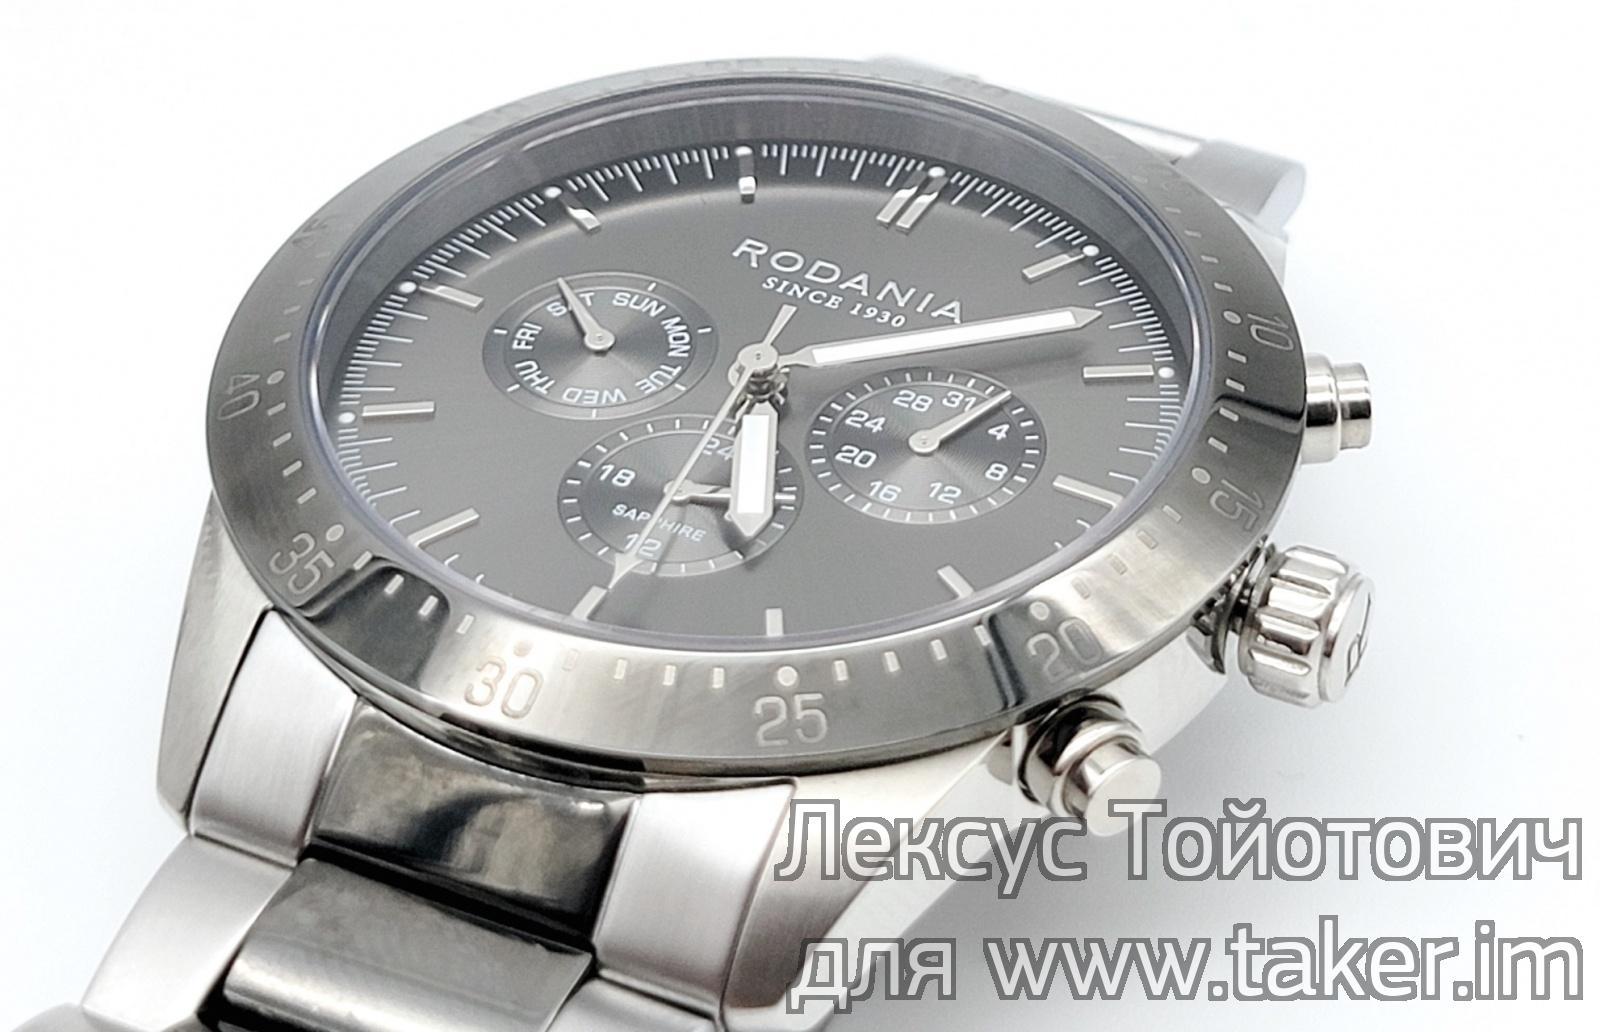 Обзор часов Rodania R20009: модели наручных часов c сапфировым стеклом